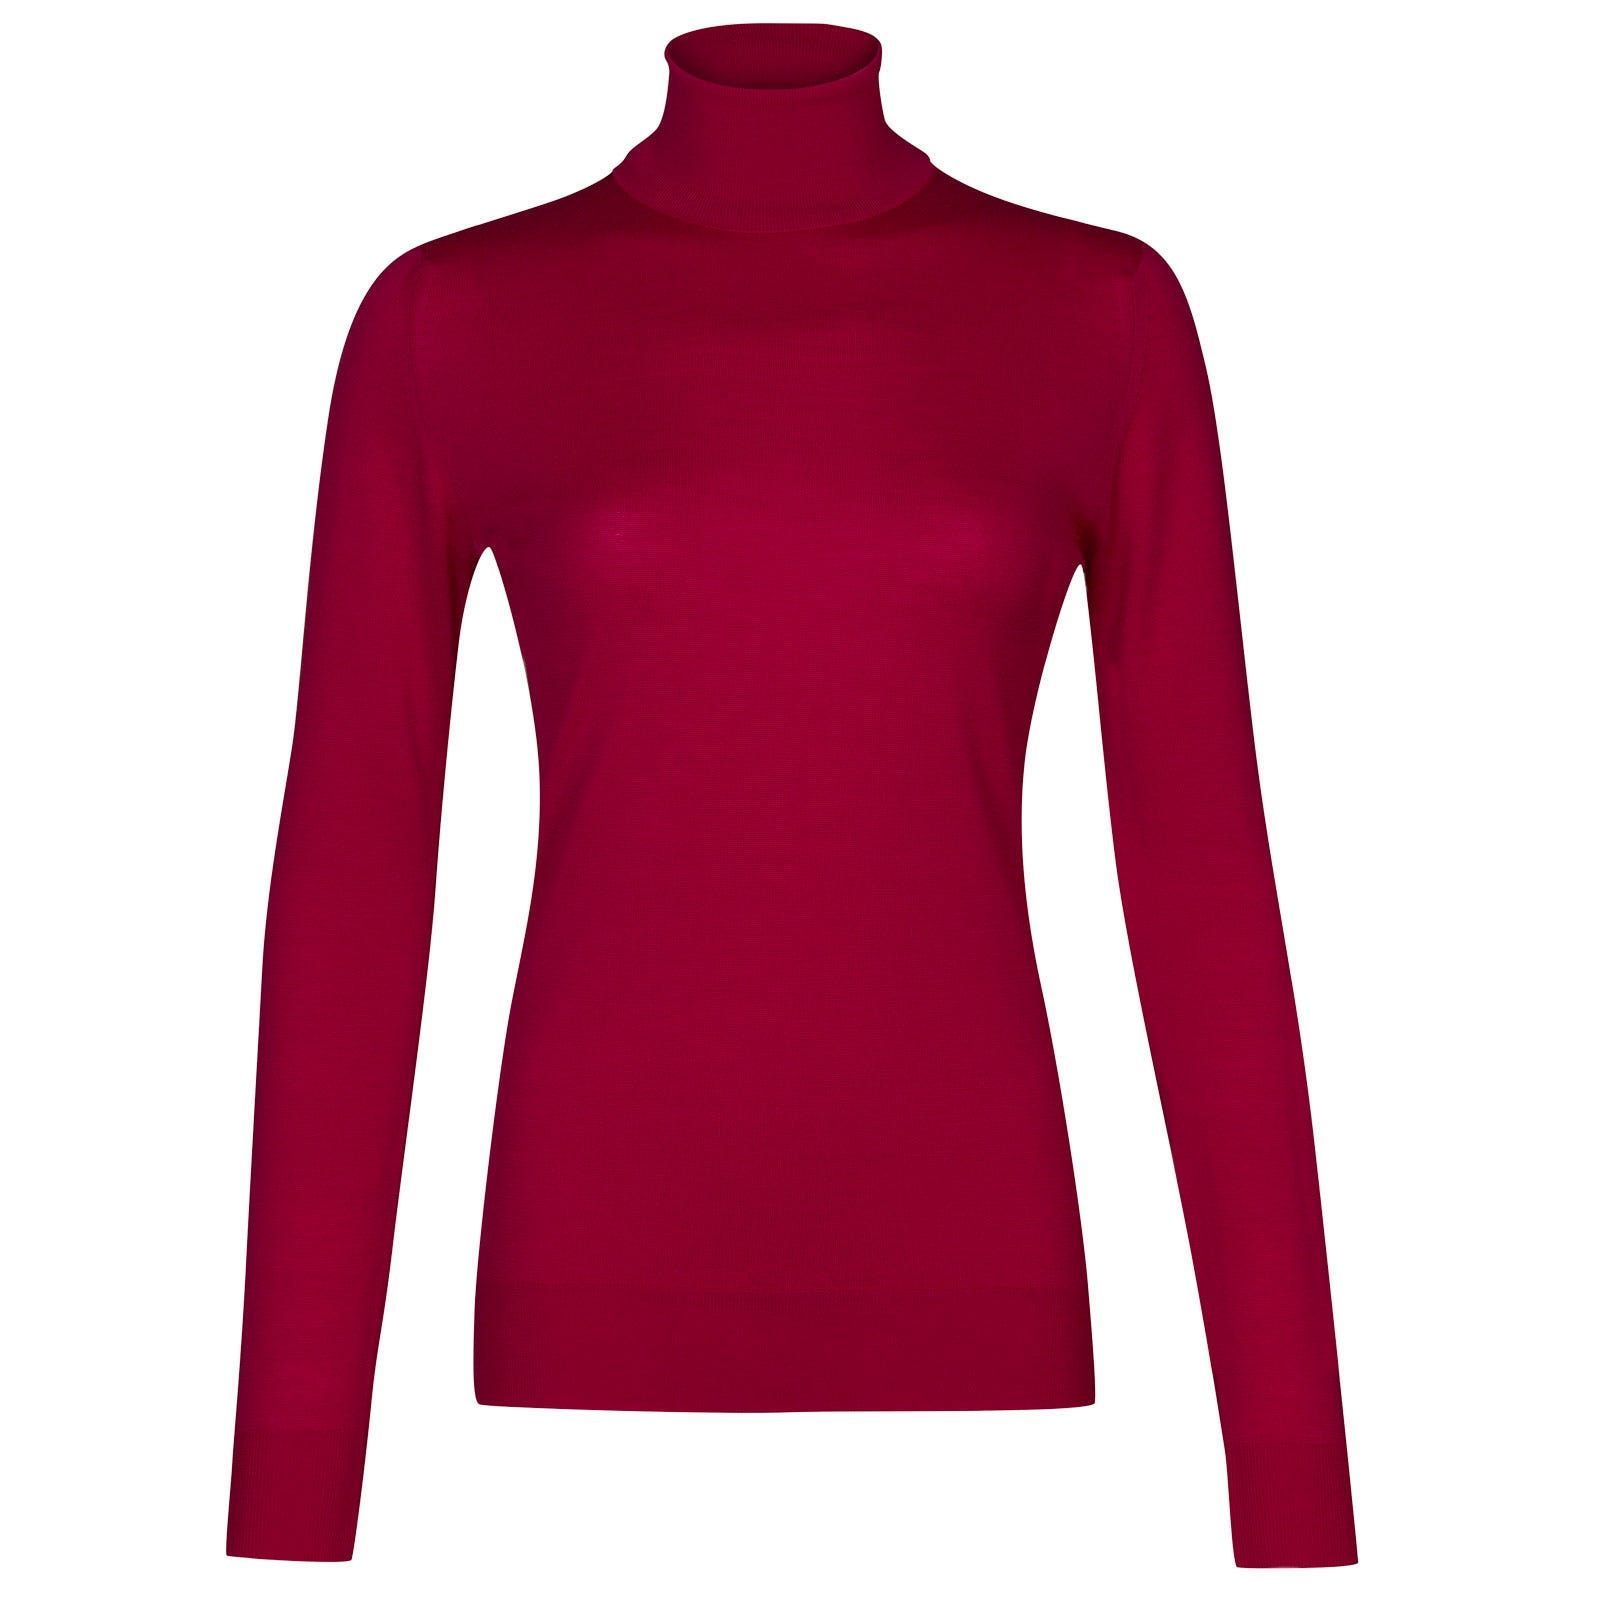 John Smedley Catkin Merino Wool Sweater in Scarlet Sky-M